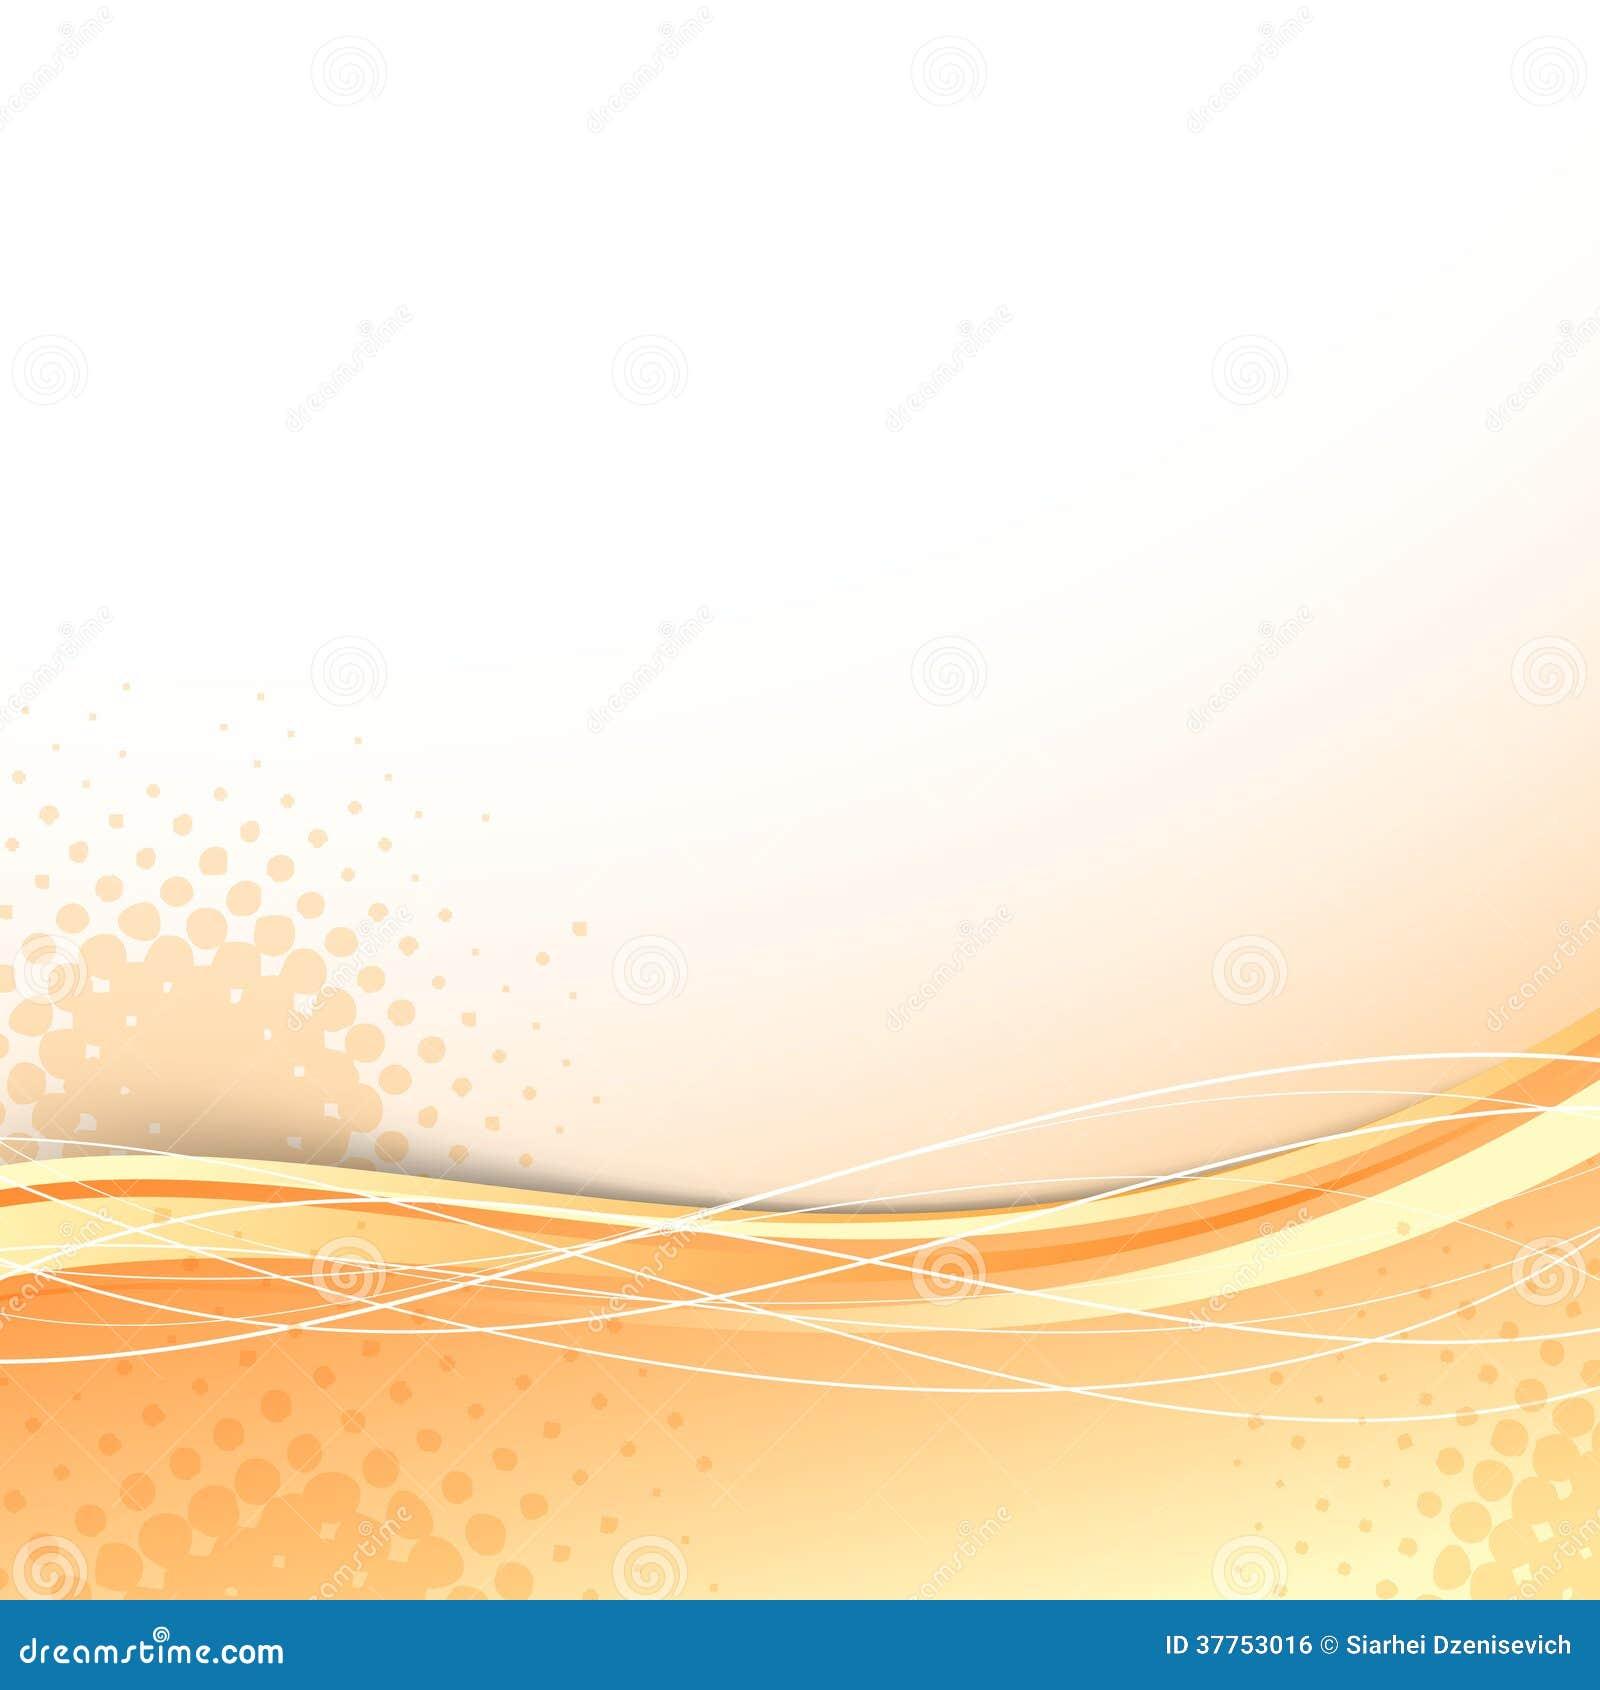 orange background free stock - photo #32